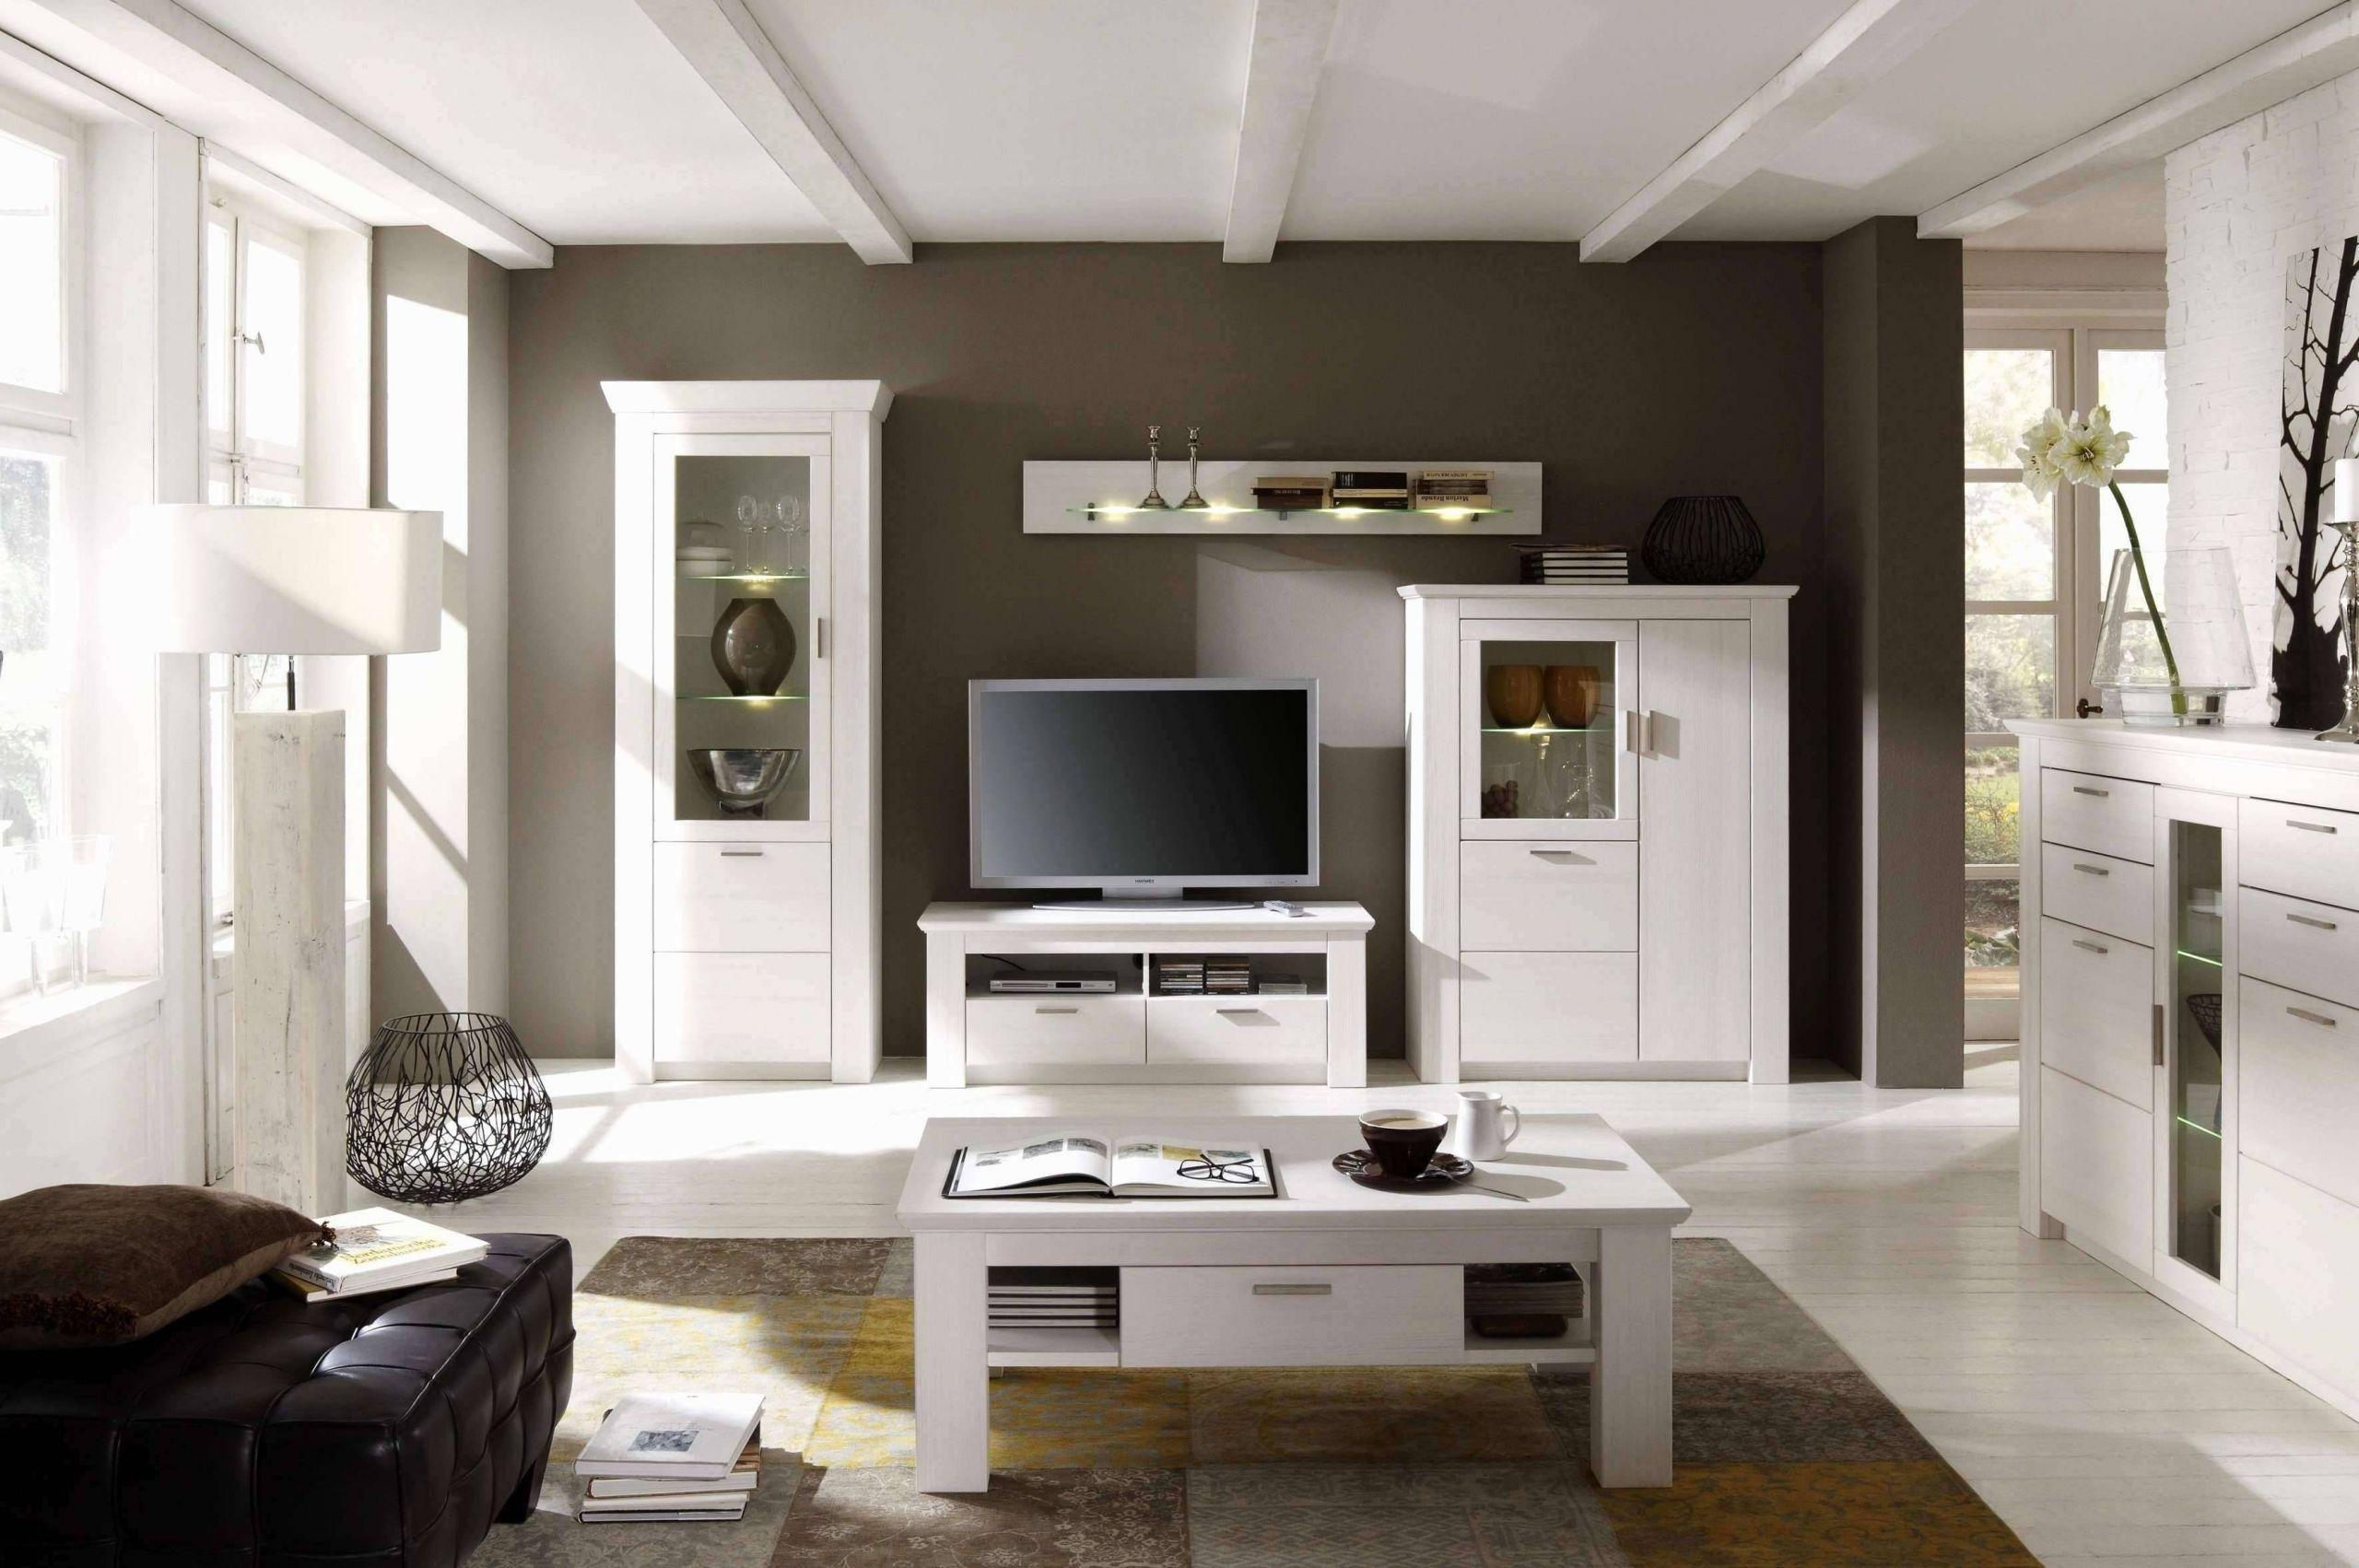 deko wohnzimmer schrank unique deko ideen diy attraktiv regal schlafzimmer 0d archives neu deko of deko wohnzimmer schrank